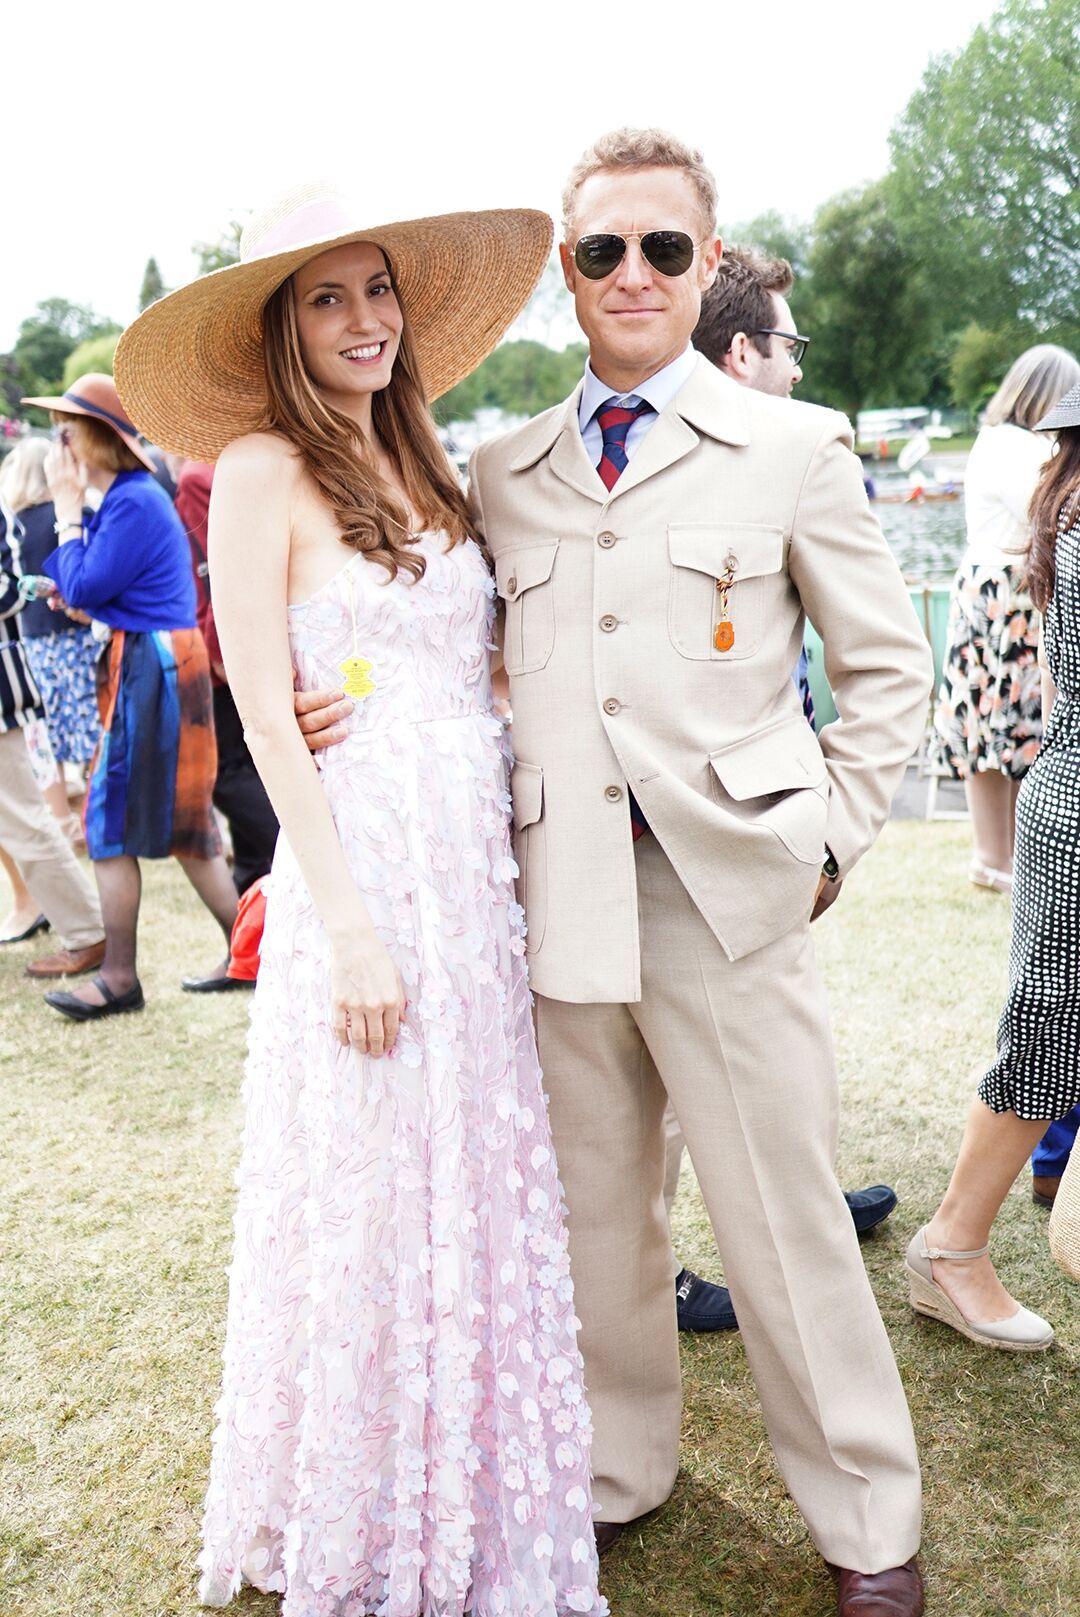 9cd1d1c0b6ec4a kelly-england-prehn-henley-royal-regatta-fashion-dress-code Kelly England  Prehn best dressed | British Fashion Ambassador